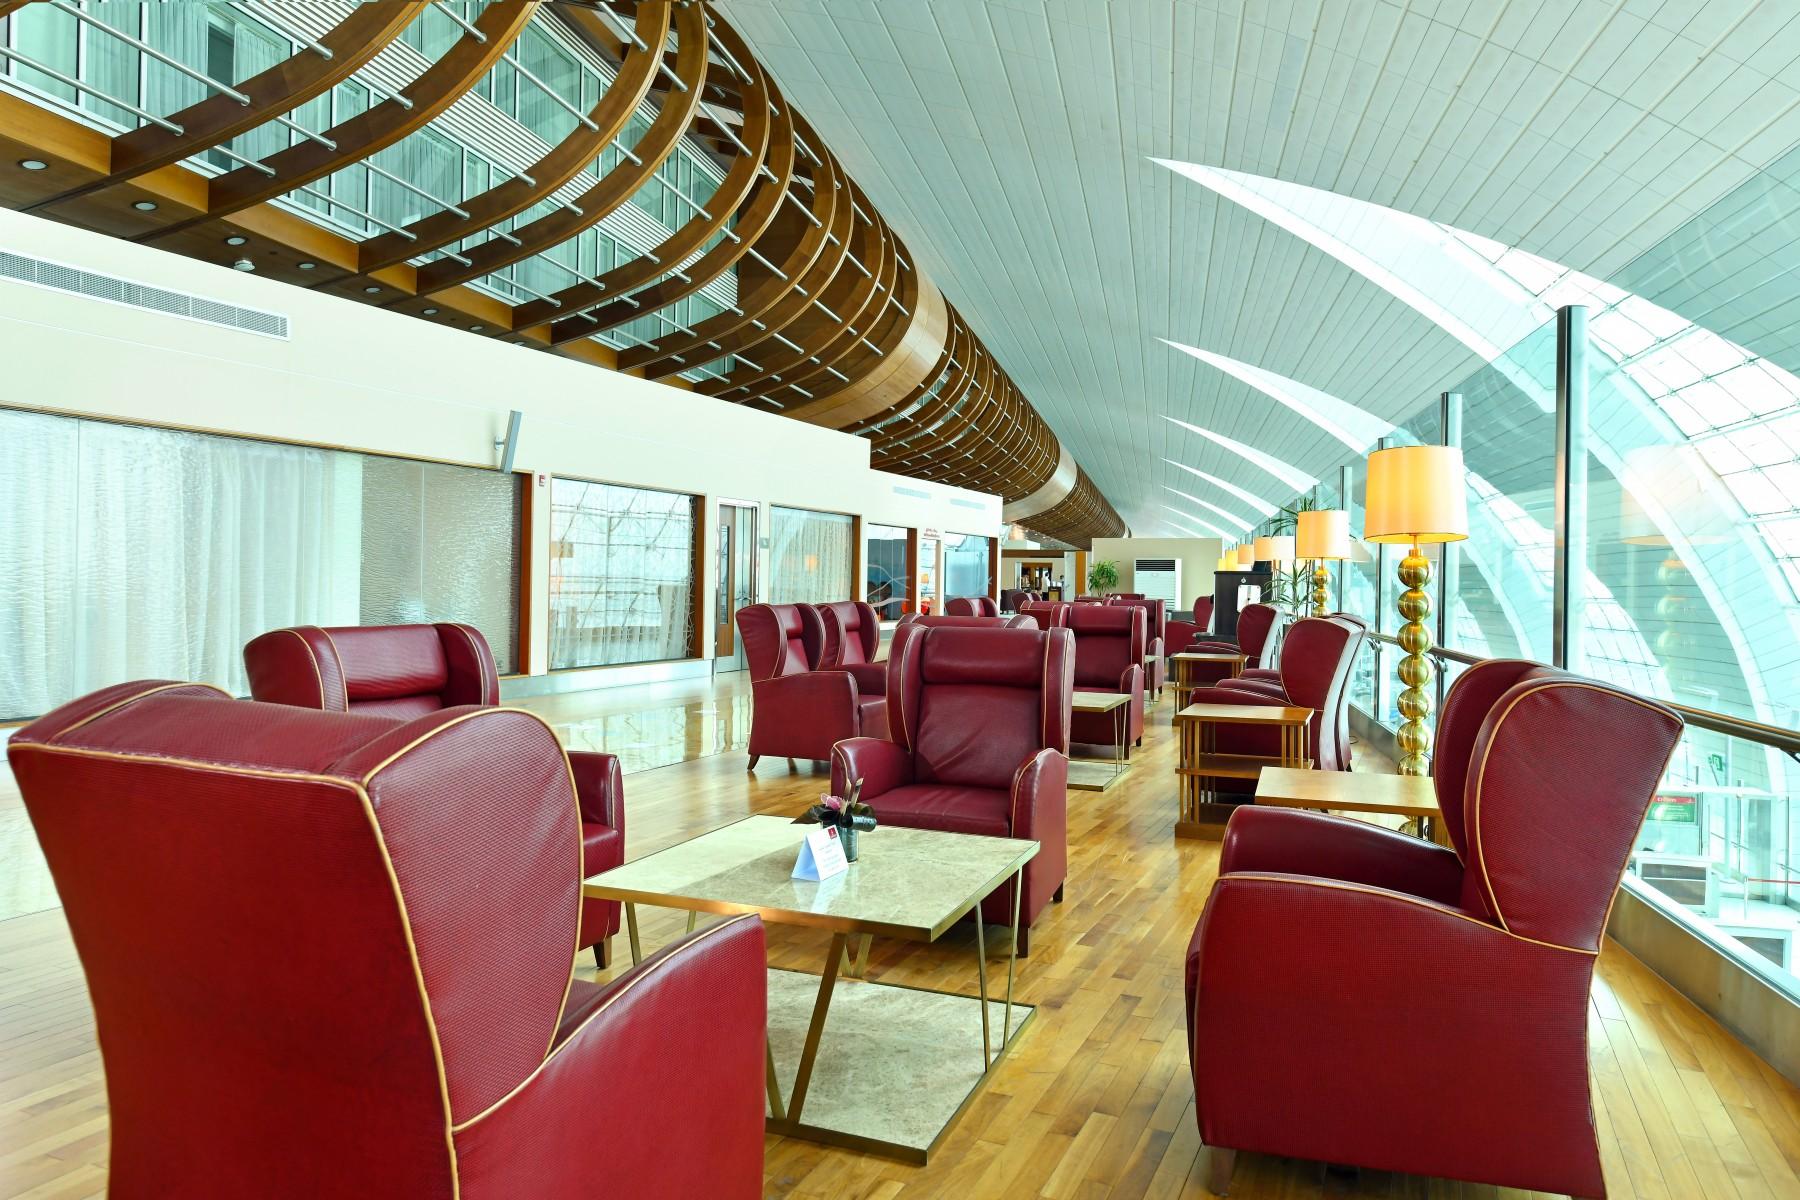 Emirates rouvre son salon Première Classe à l'aéroport international de Dubaï (DXB) pour répondre à la demande croissante de services haut de gamme